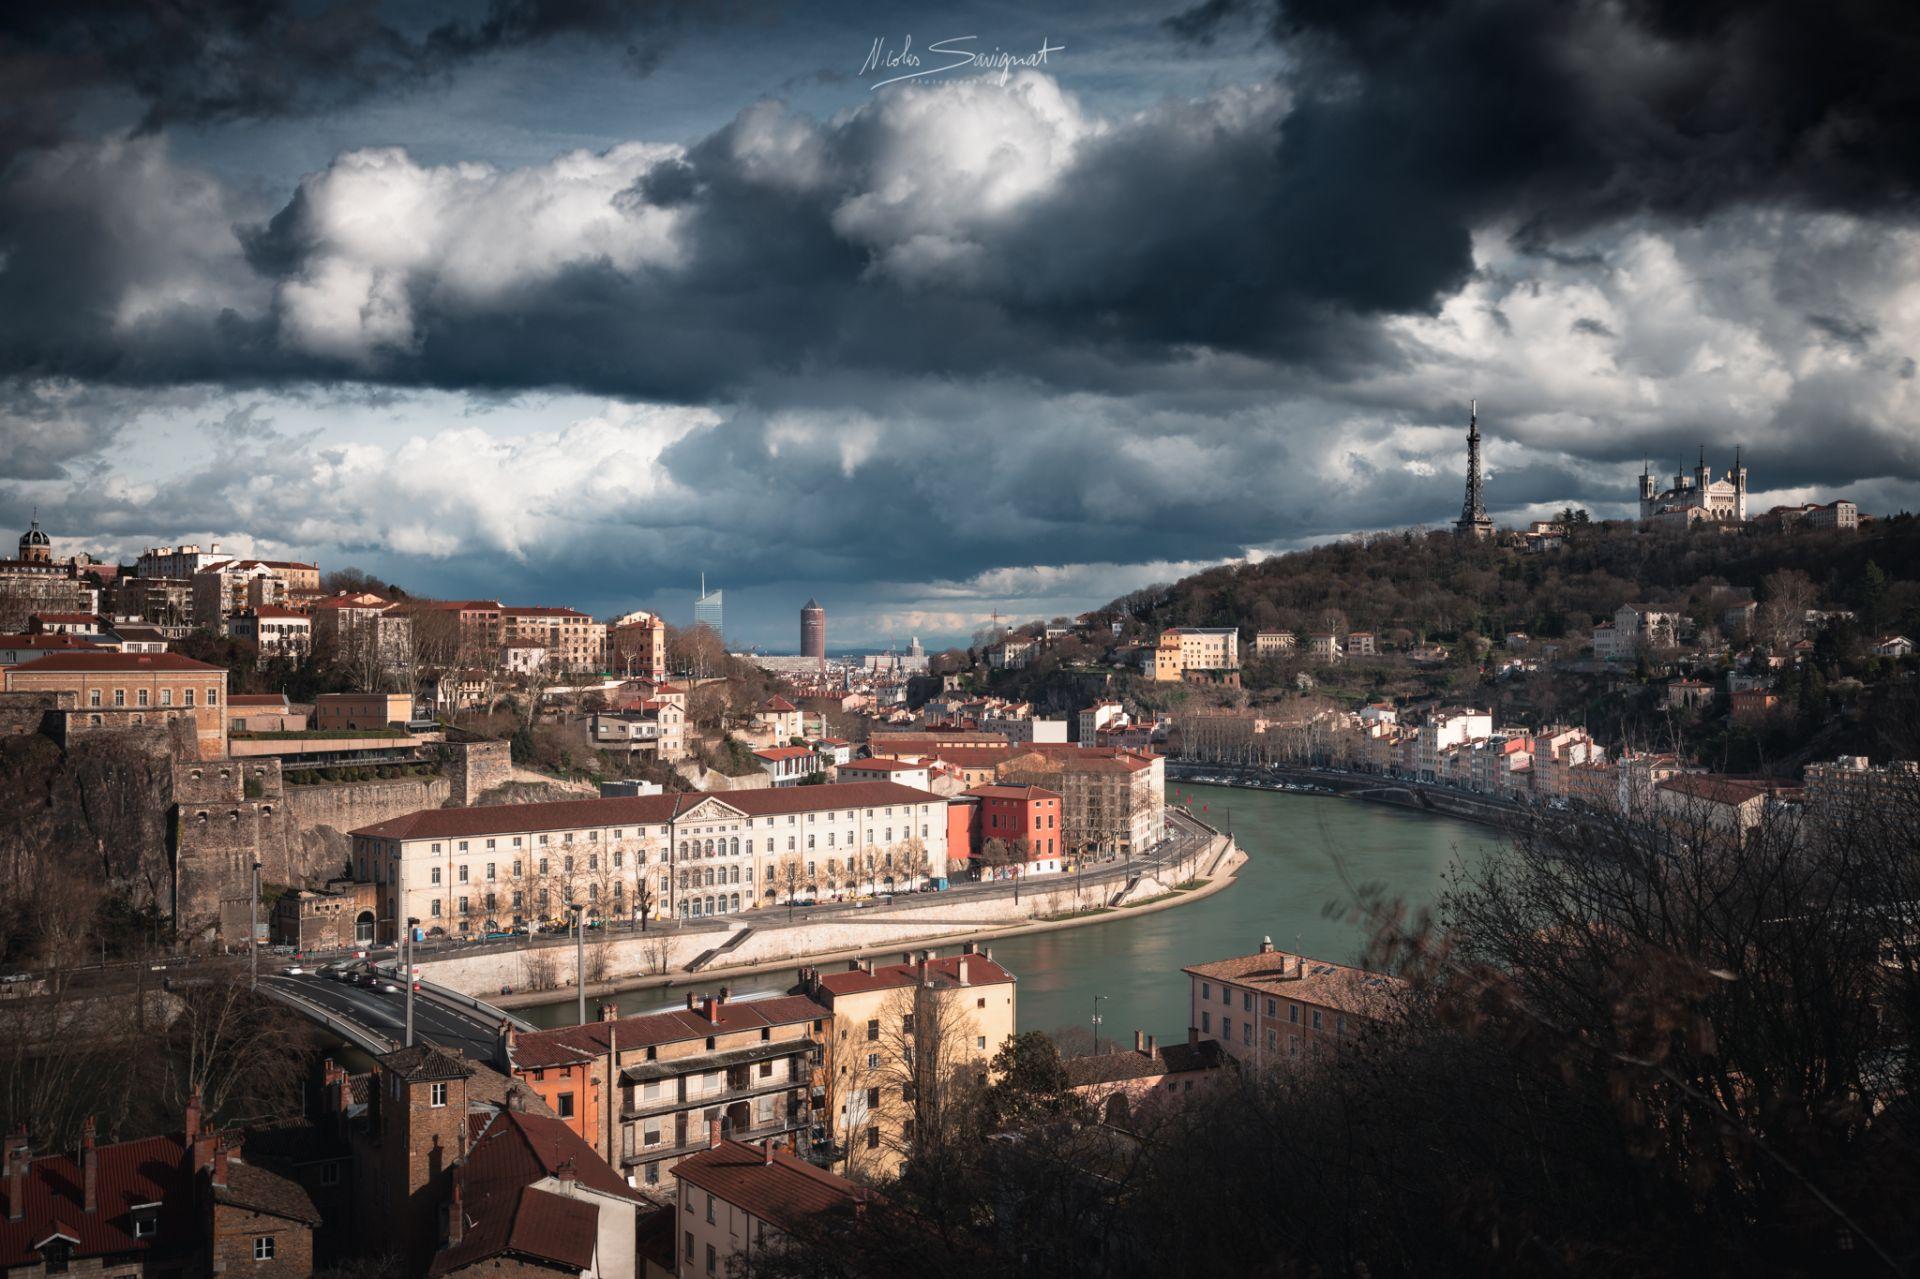 Le Rhône à Lyon - Les photographes de Joomeo : Paysages et lumière de ©Nicolas Savignat